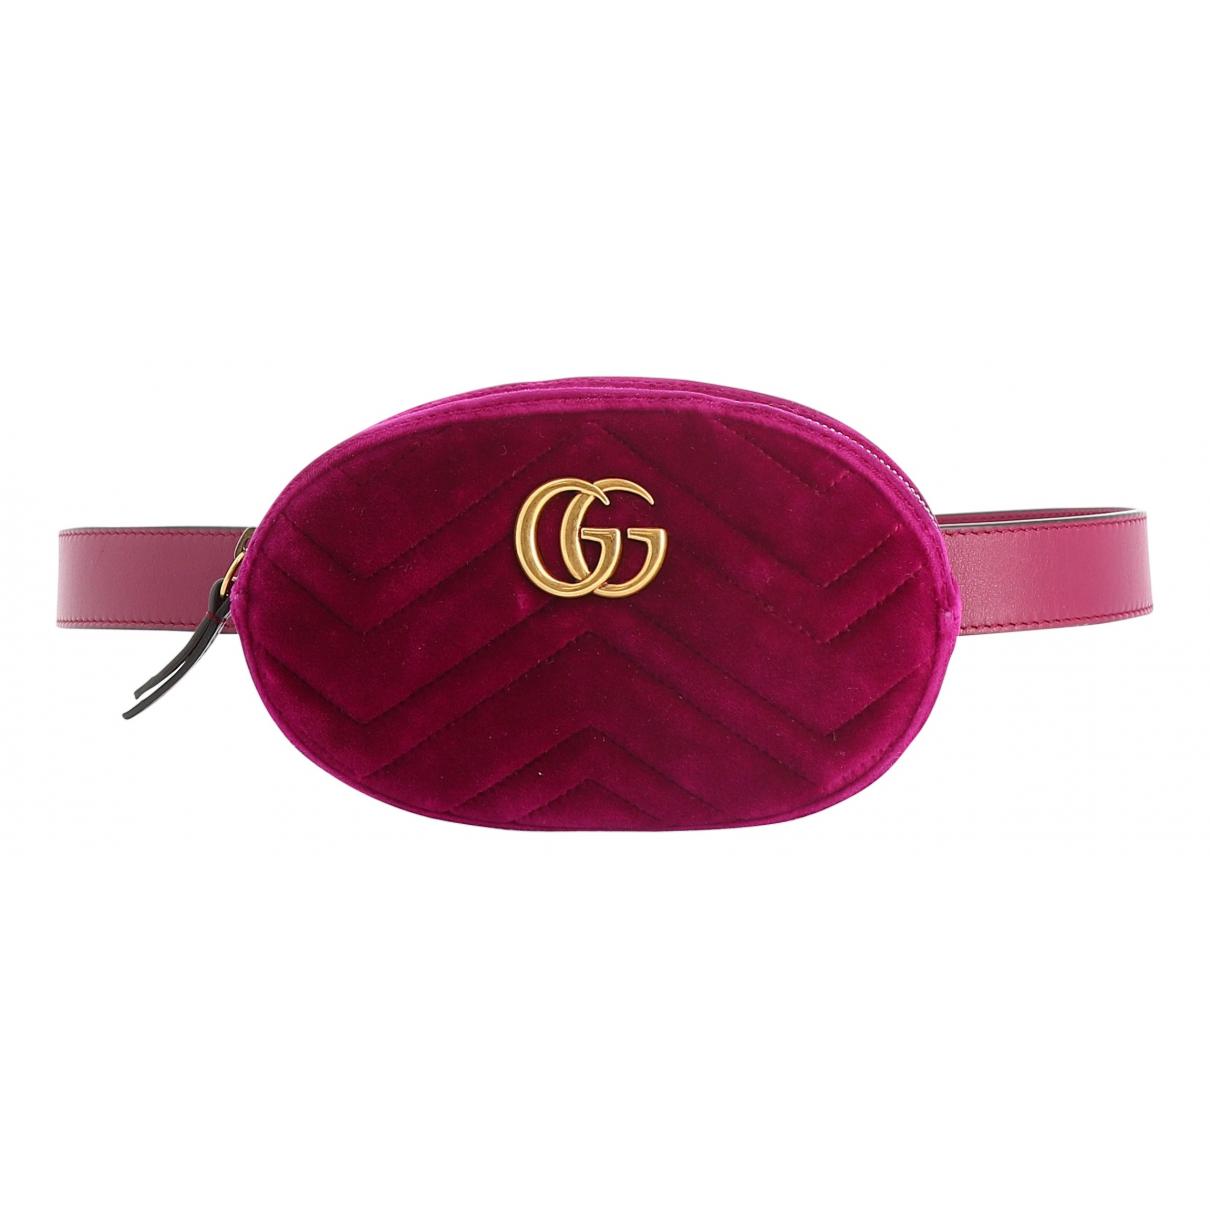 Gucci - Pochette   pour femme en velours - violet